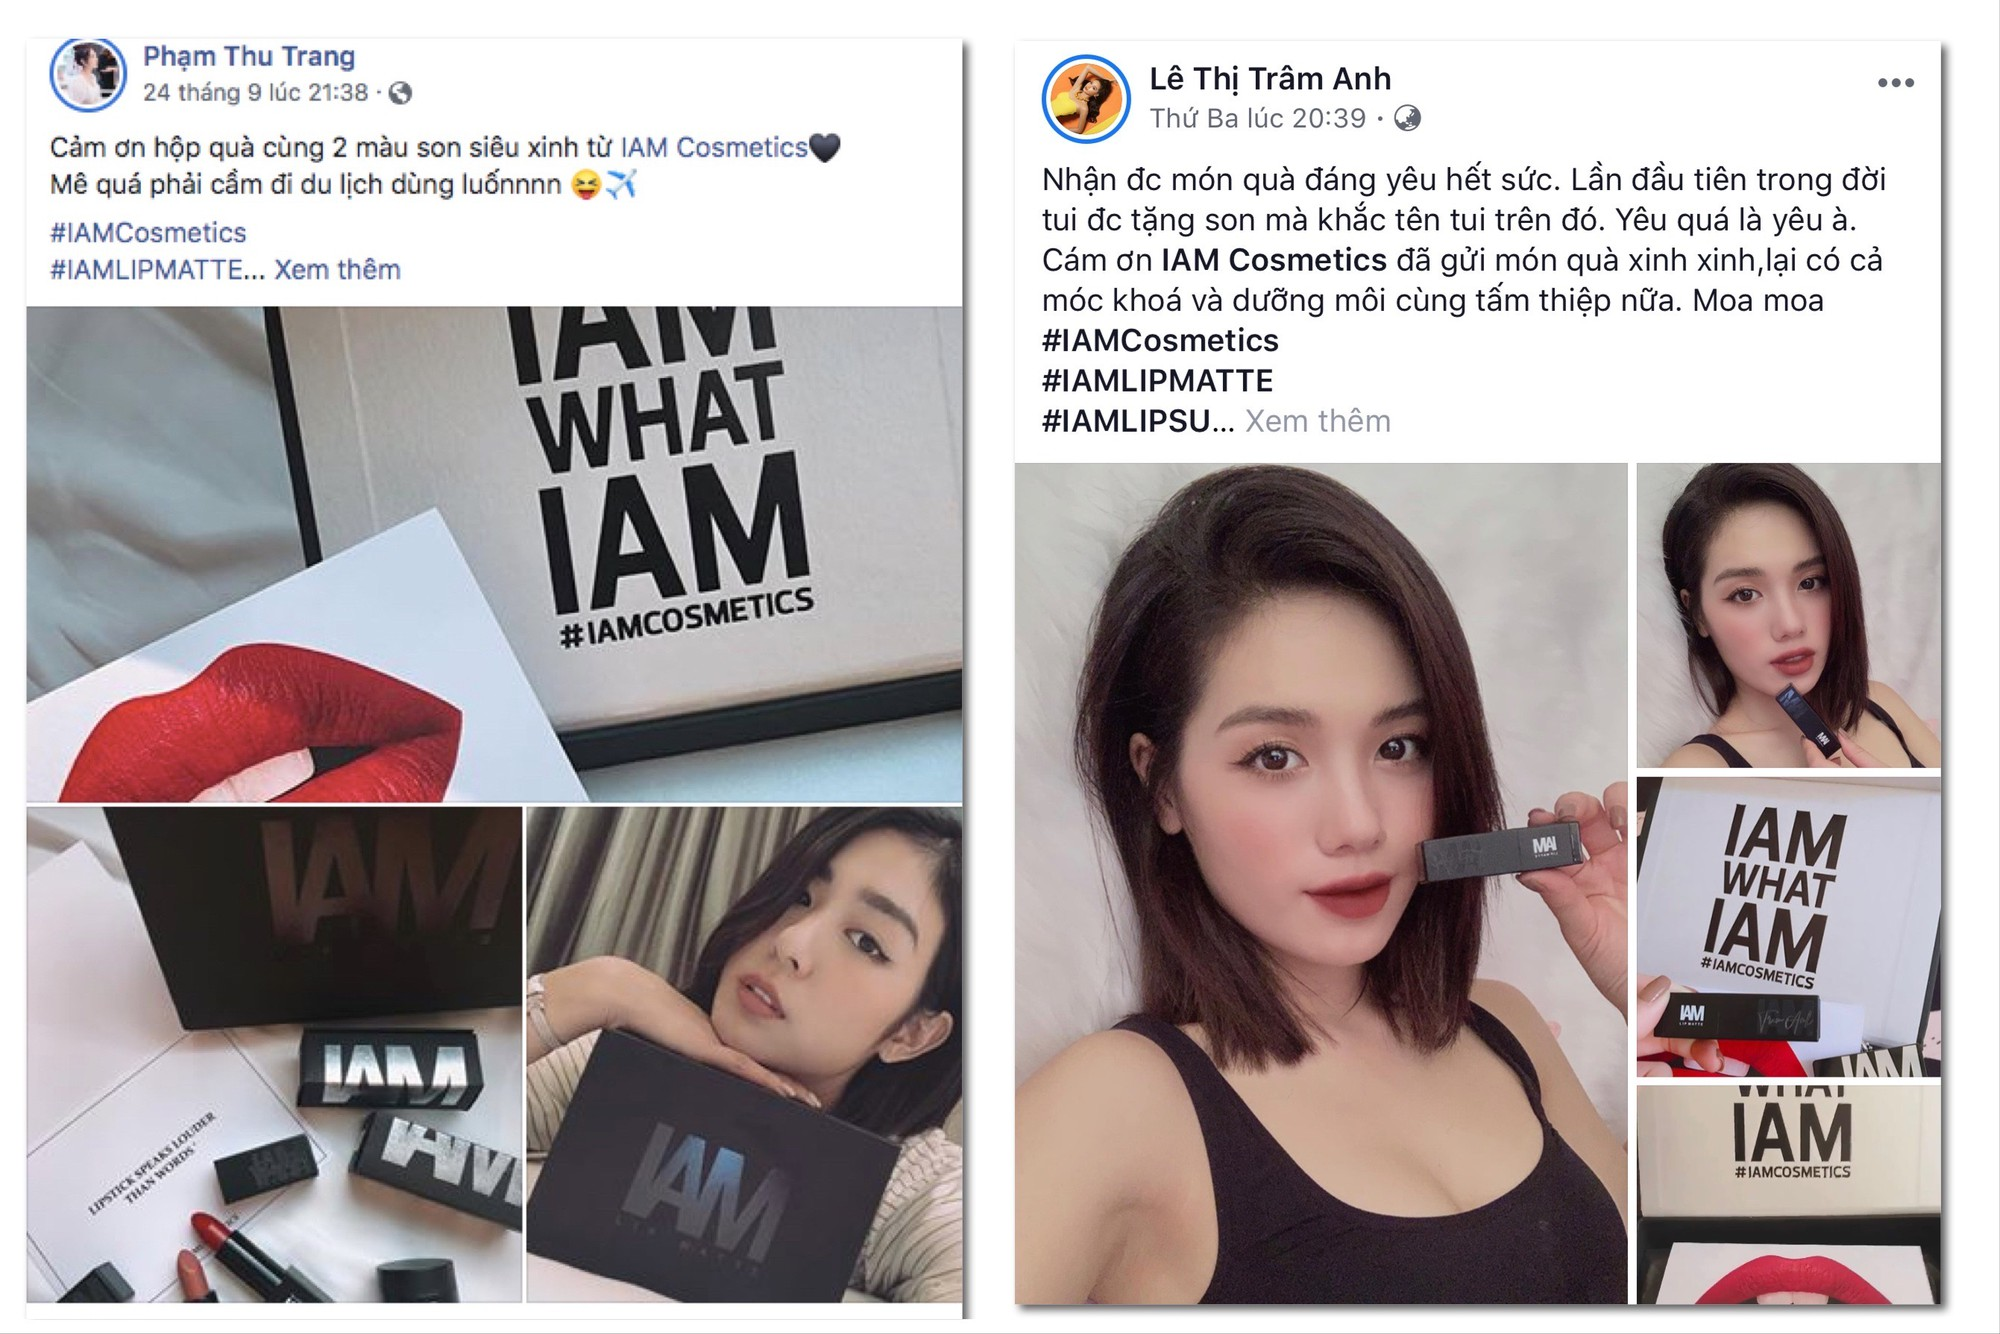 NTK Chung Thanh Phong: Mỗi thỏi son trendy gửi tặng các cô gái đều truyền cảm hứng về sự tự tin - Ảnh 2.